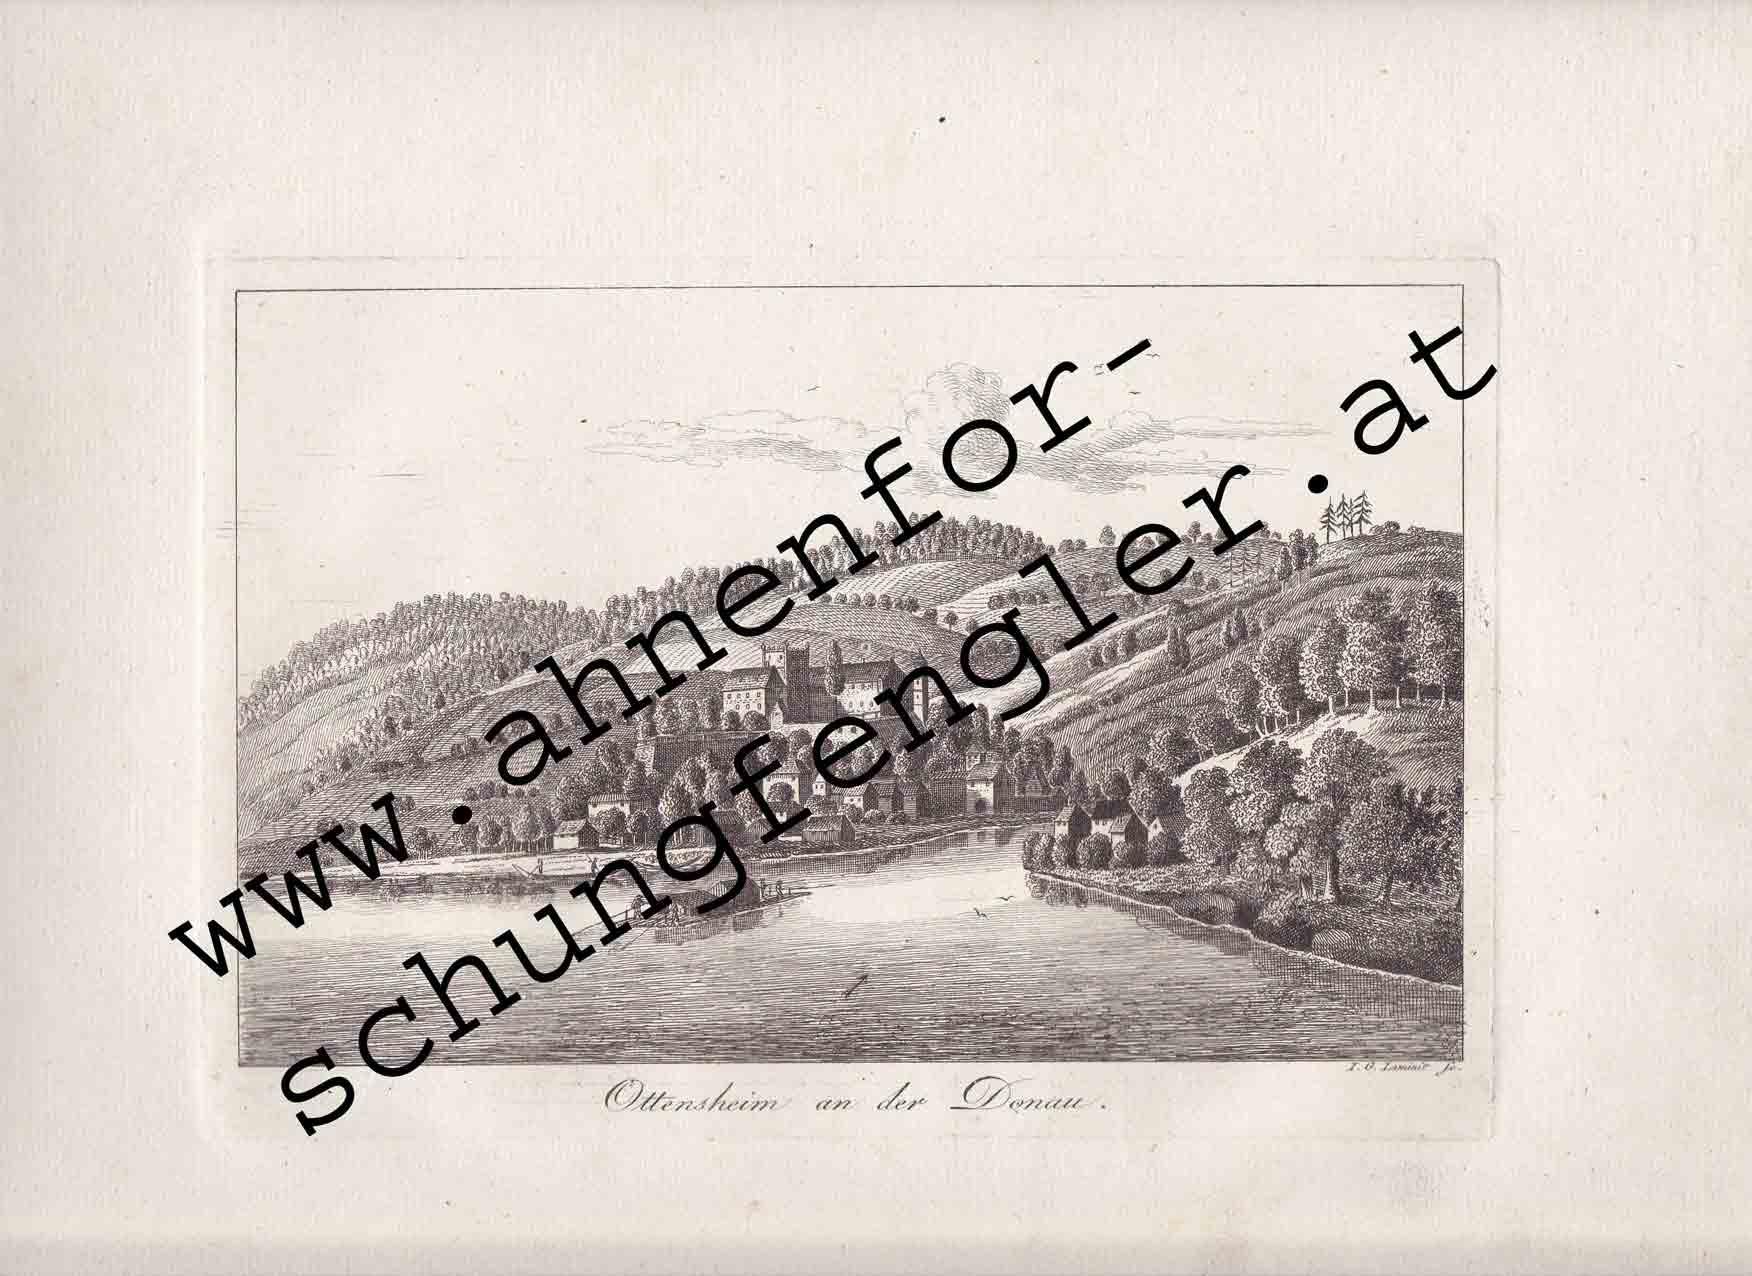 215003-Ottensheim